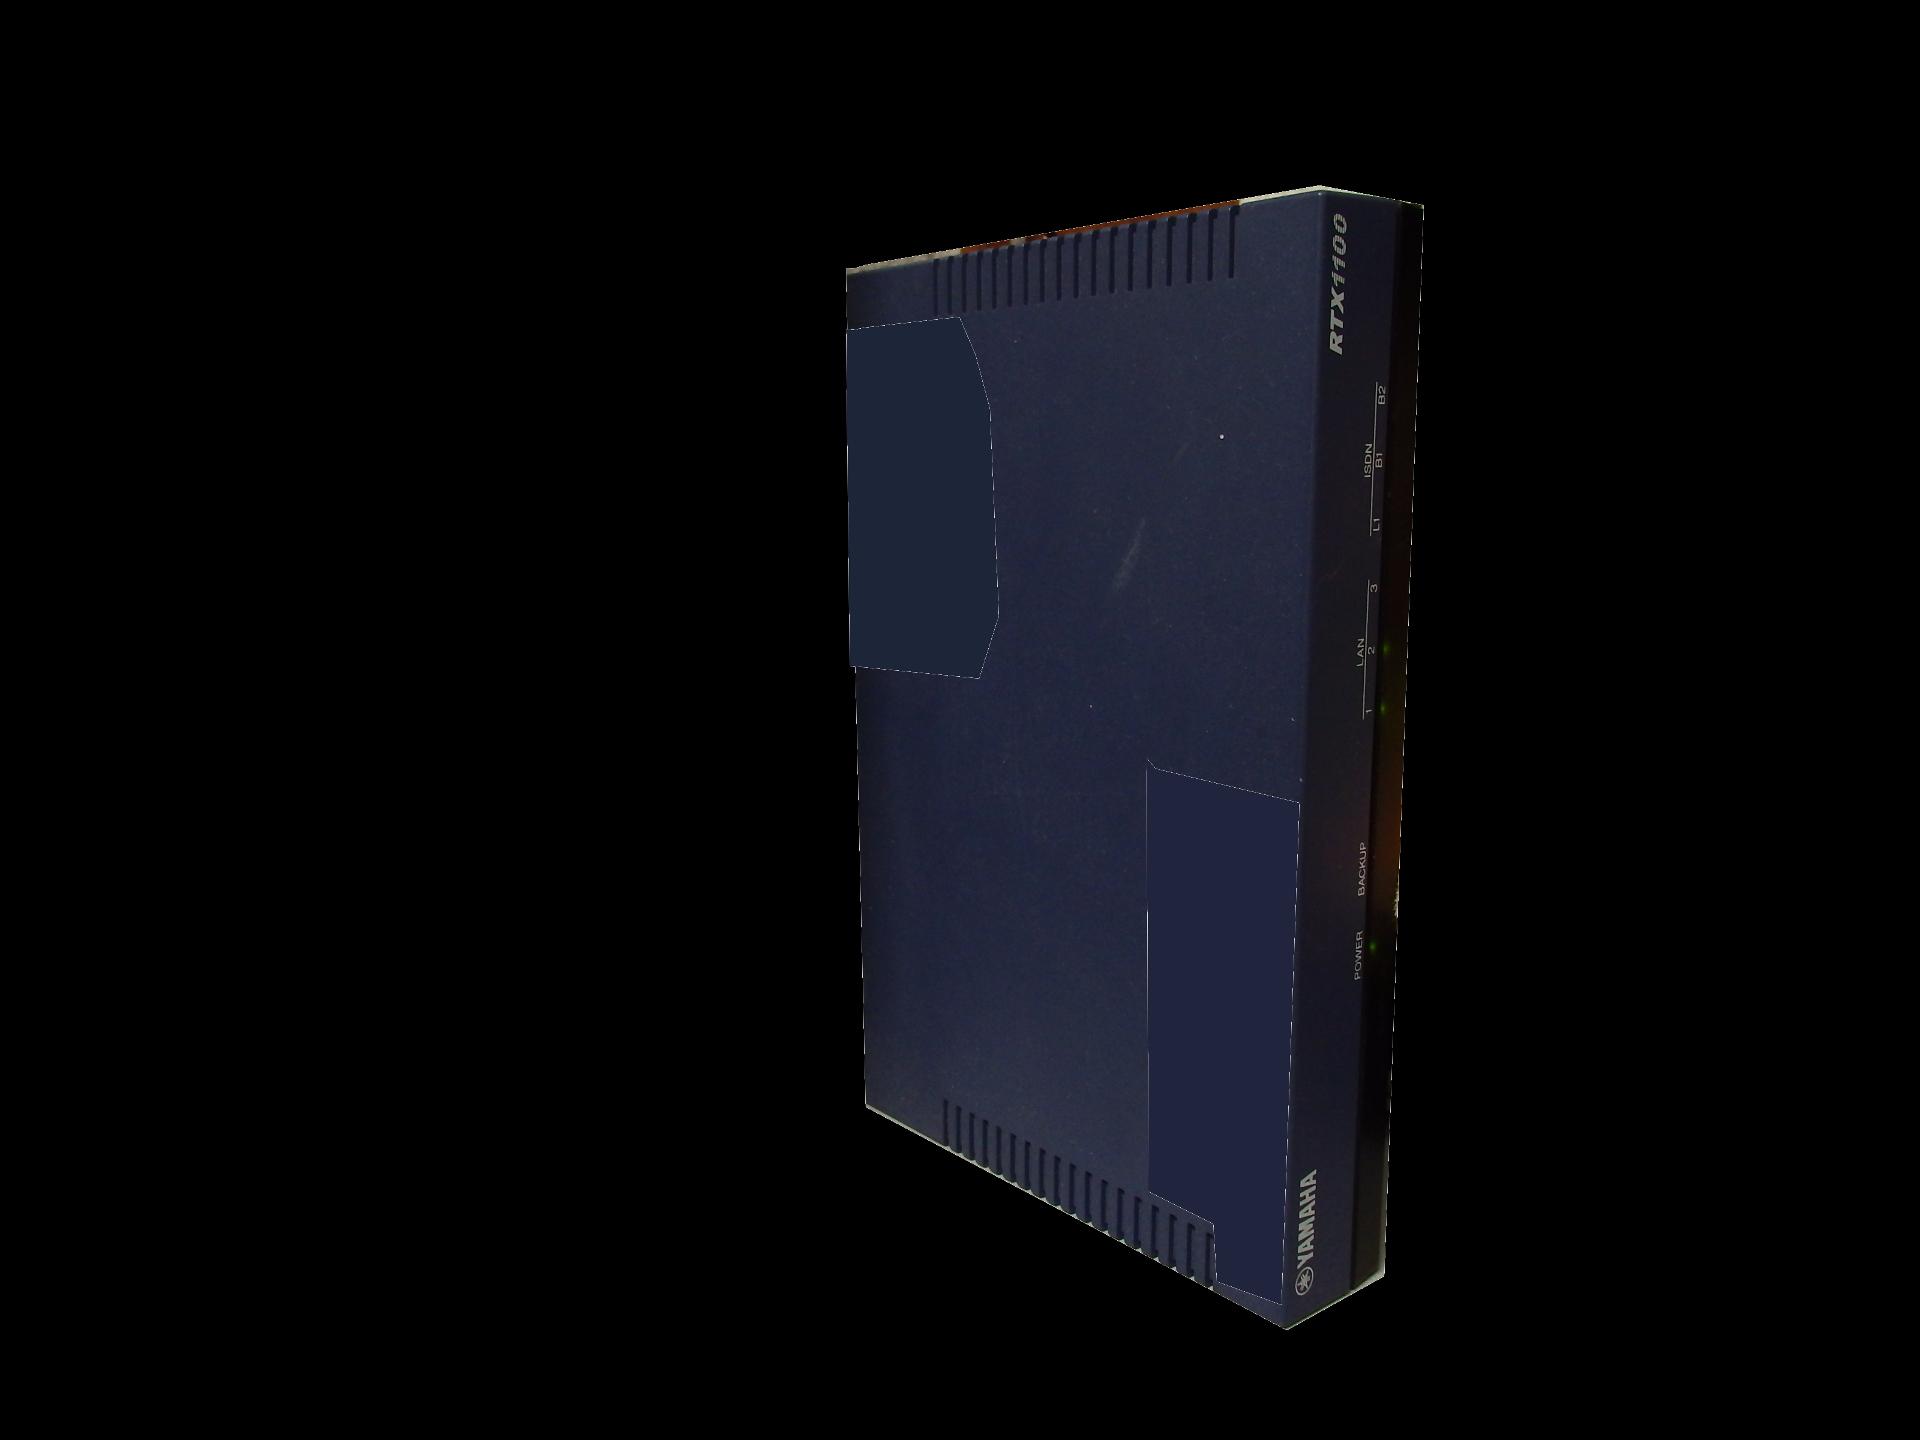 ヤマハのVoIPルーター・RTX1100です。